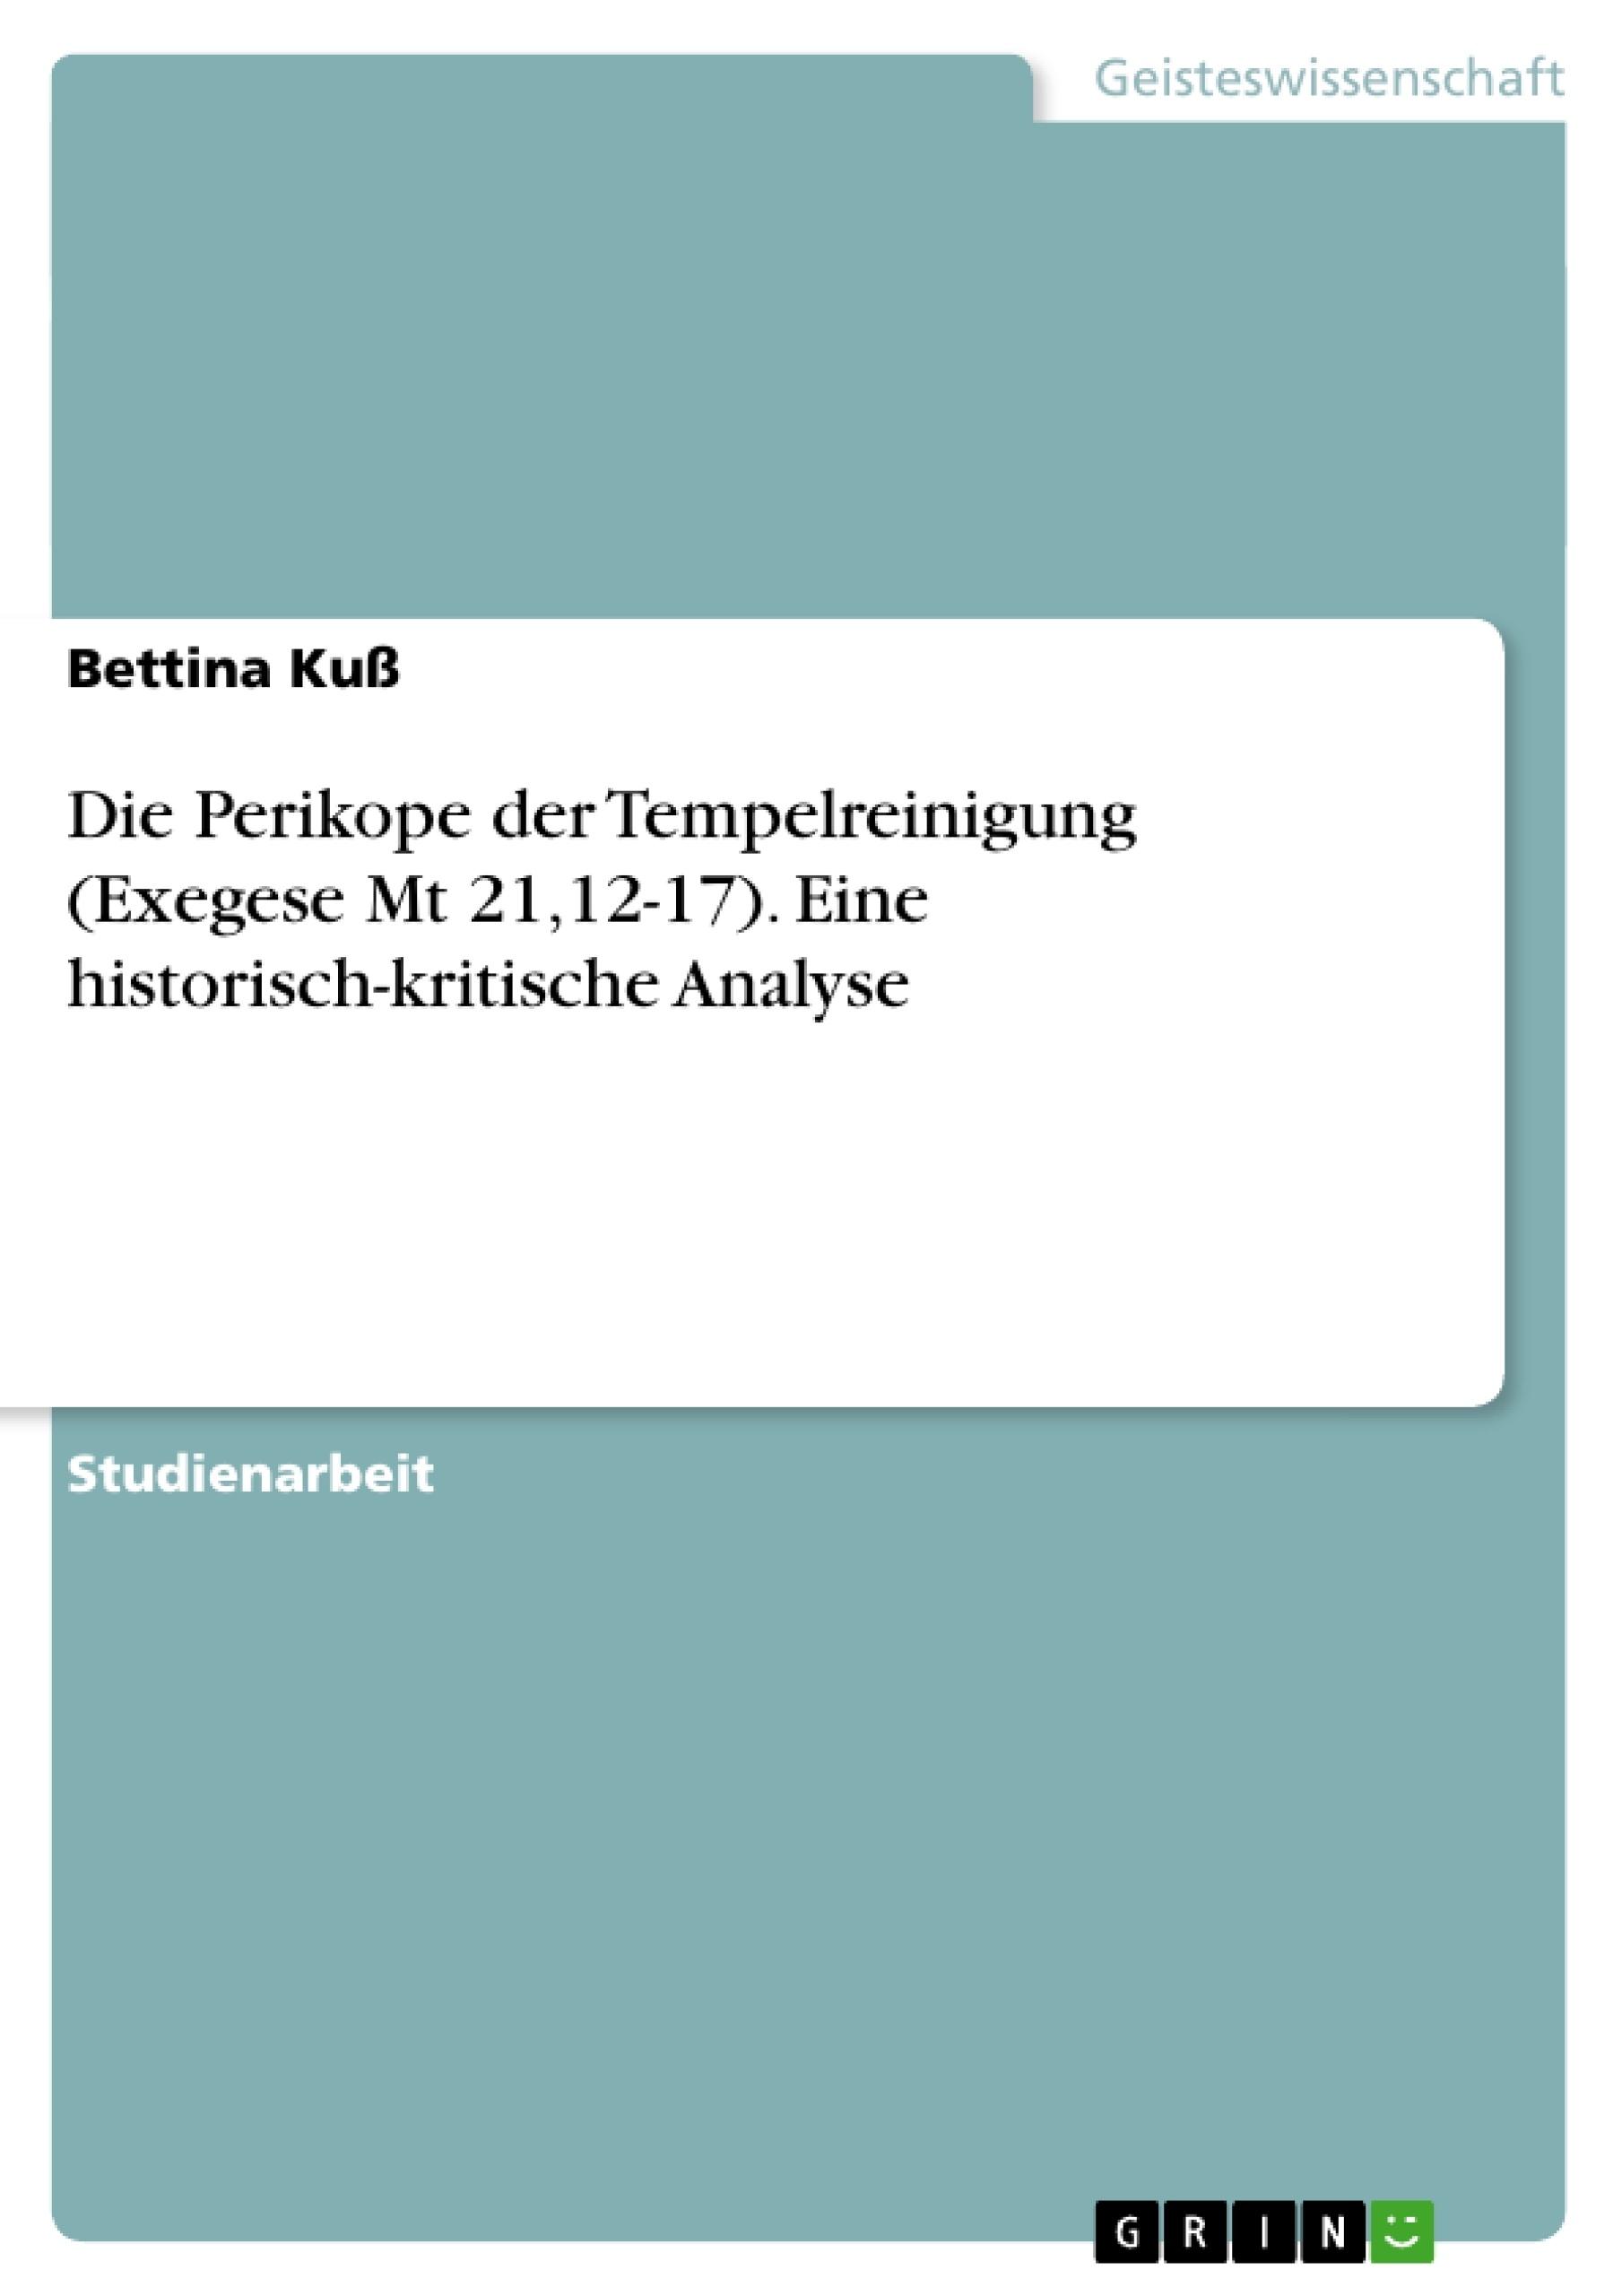 Titel: Die Perikope der Tempelreinigung (Exegese Mt 21,12-17). Eine historisch-kritische Analyse